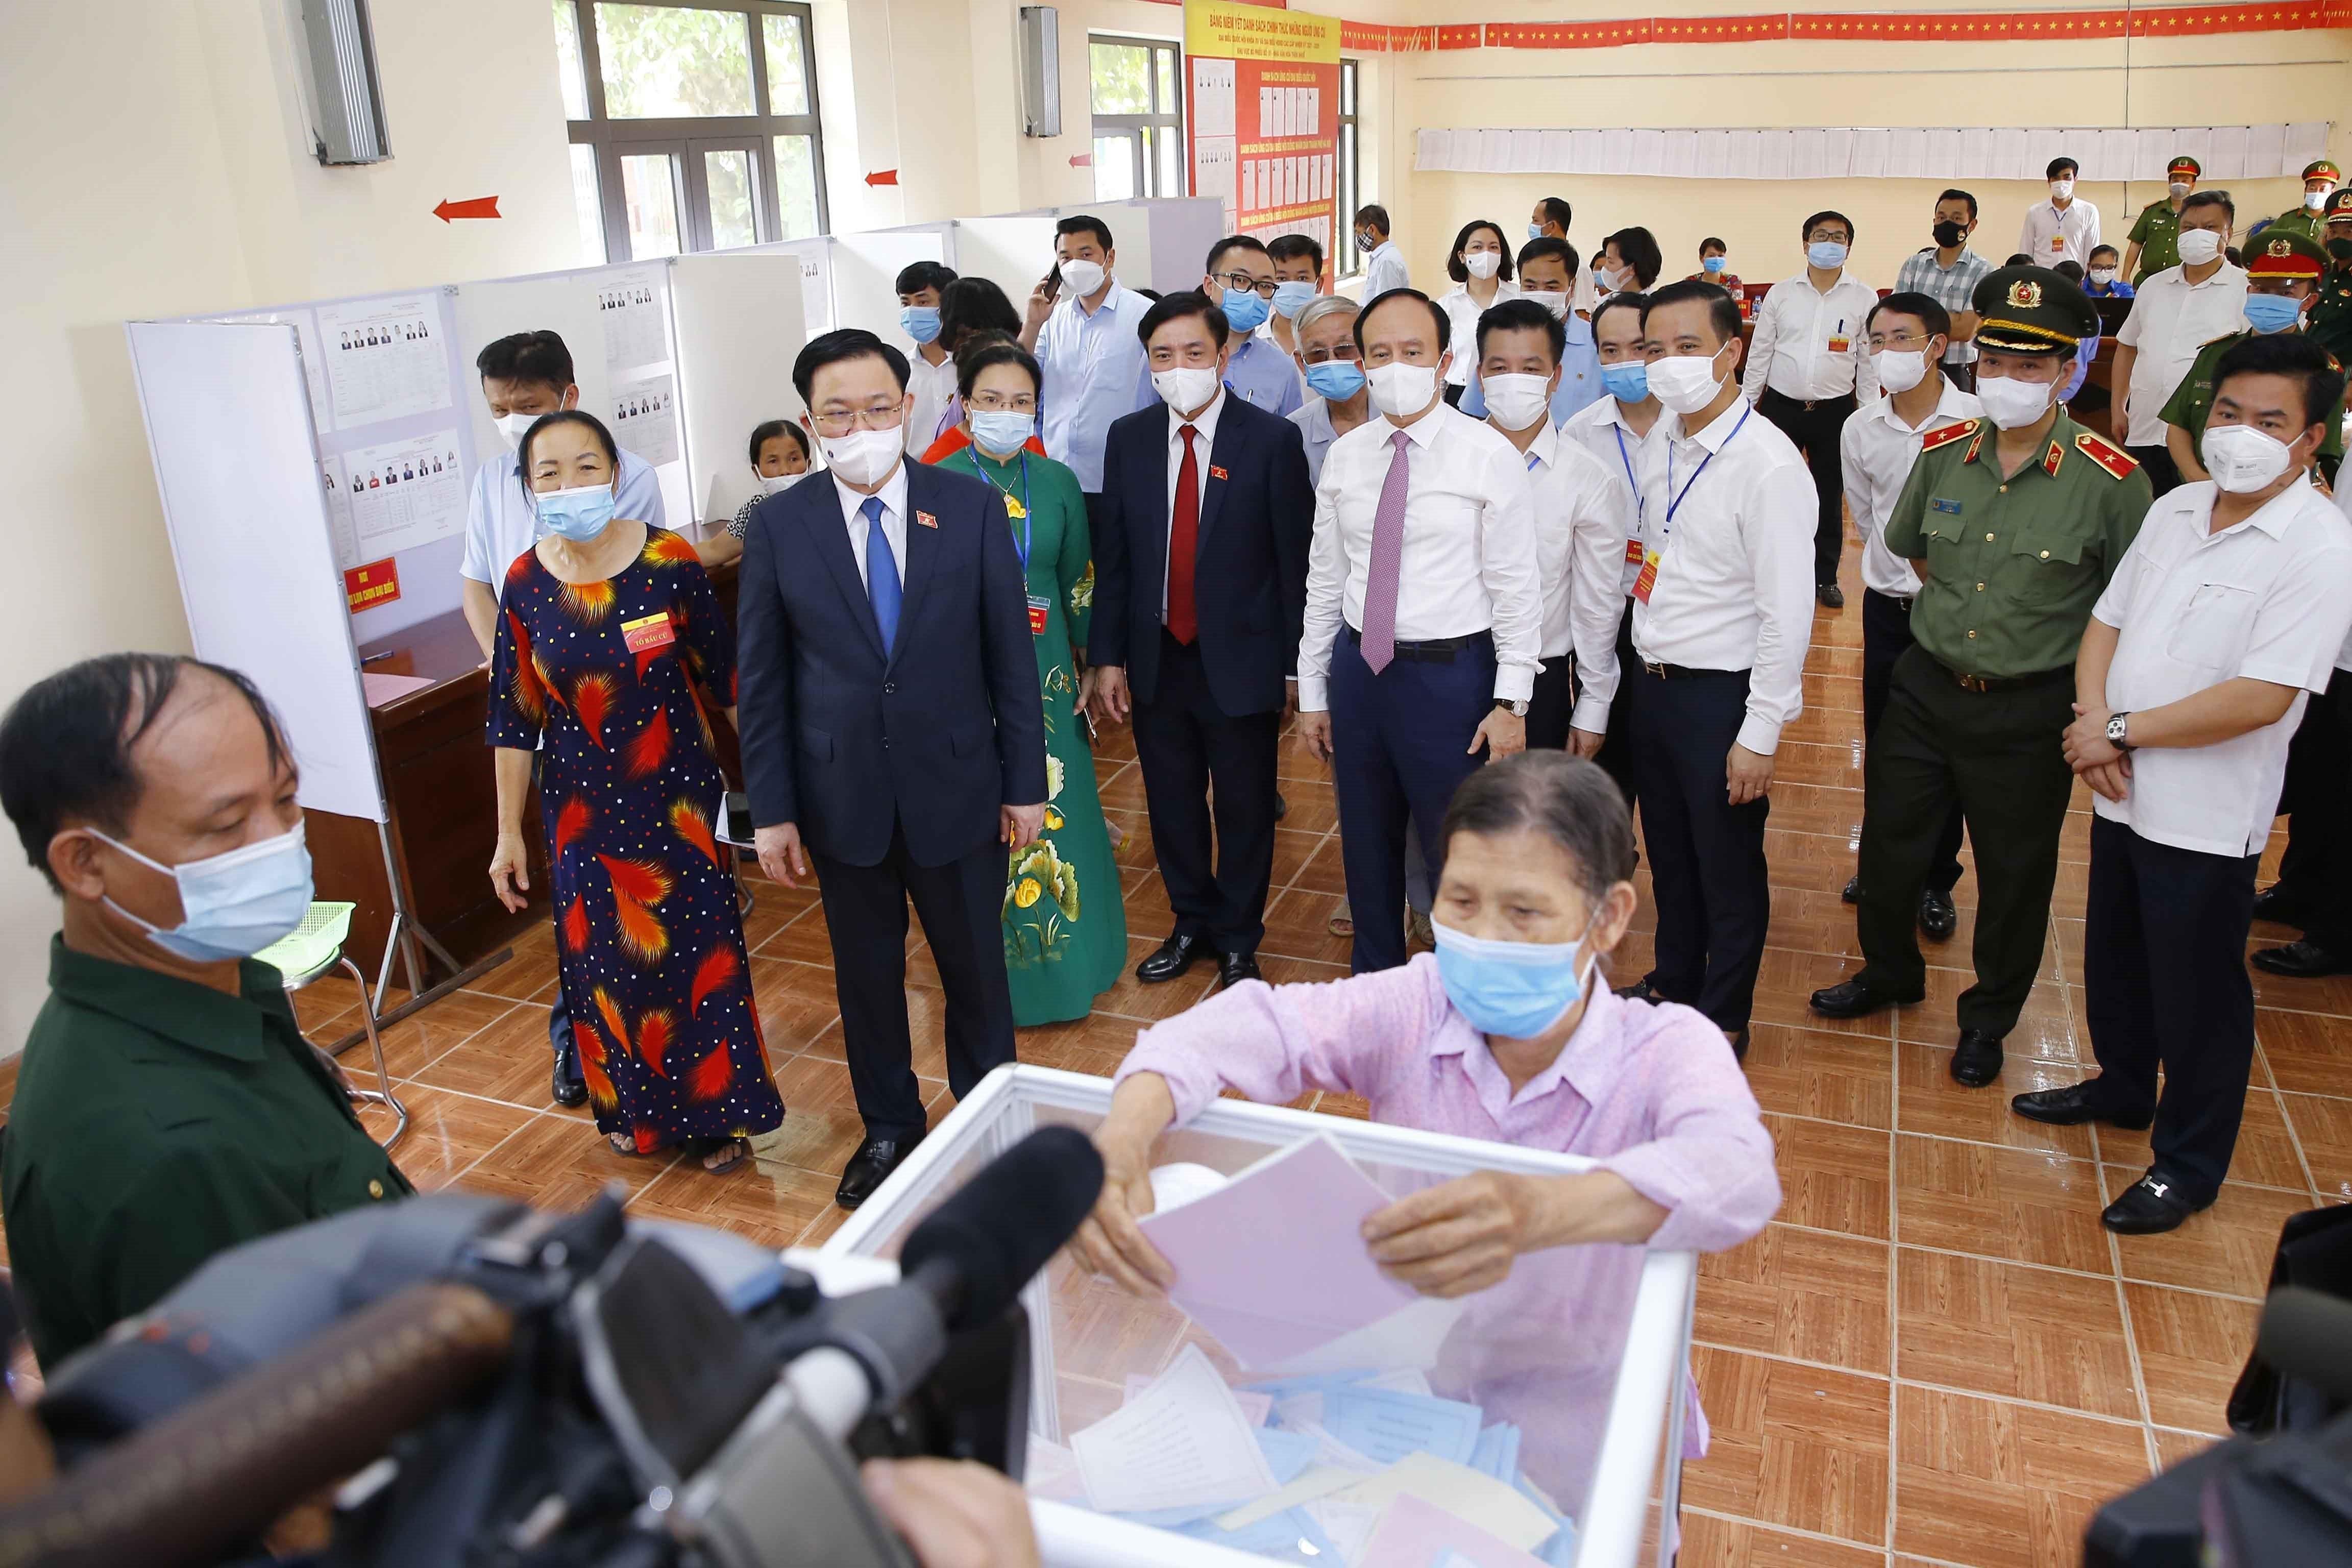 Tư tưởng Hồ Chí Minh về vai trò của nhân dân trong xây dựng chính quyền